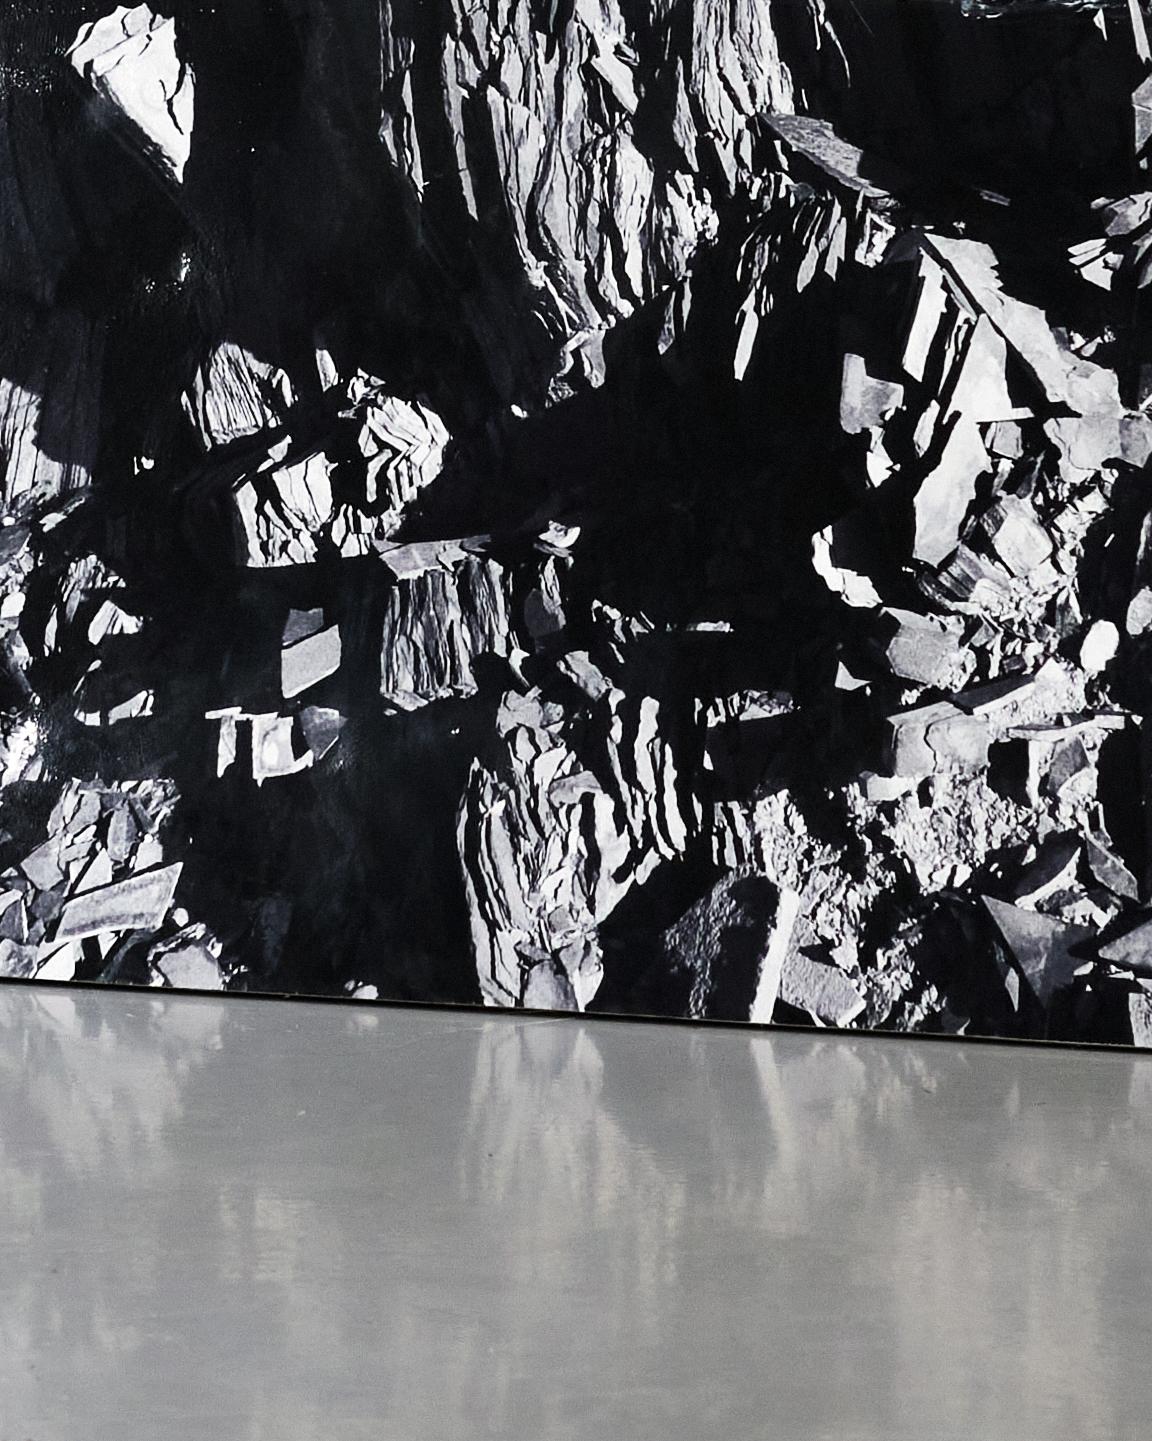 Biennale Interieur - Belgium's leading design and interior event - Prometheus-unbound-2021-edvin-klasson-5.jpg